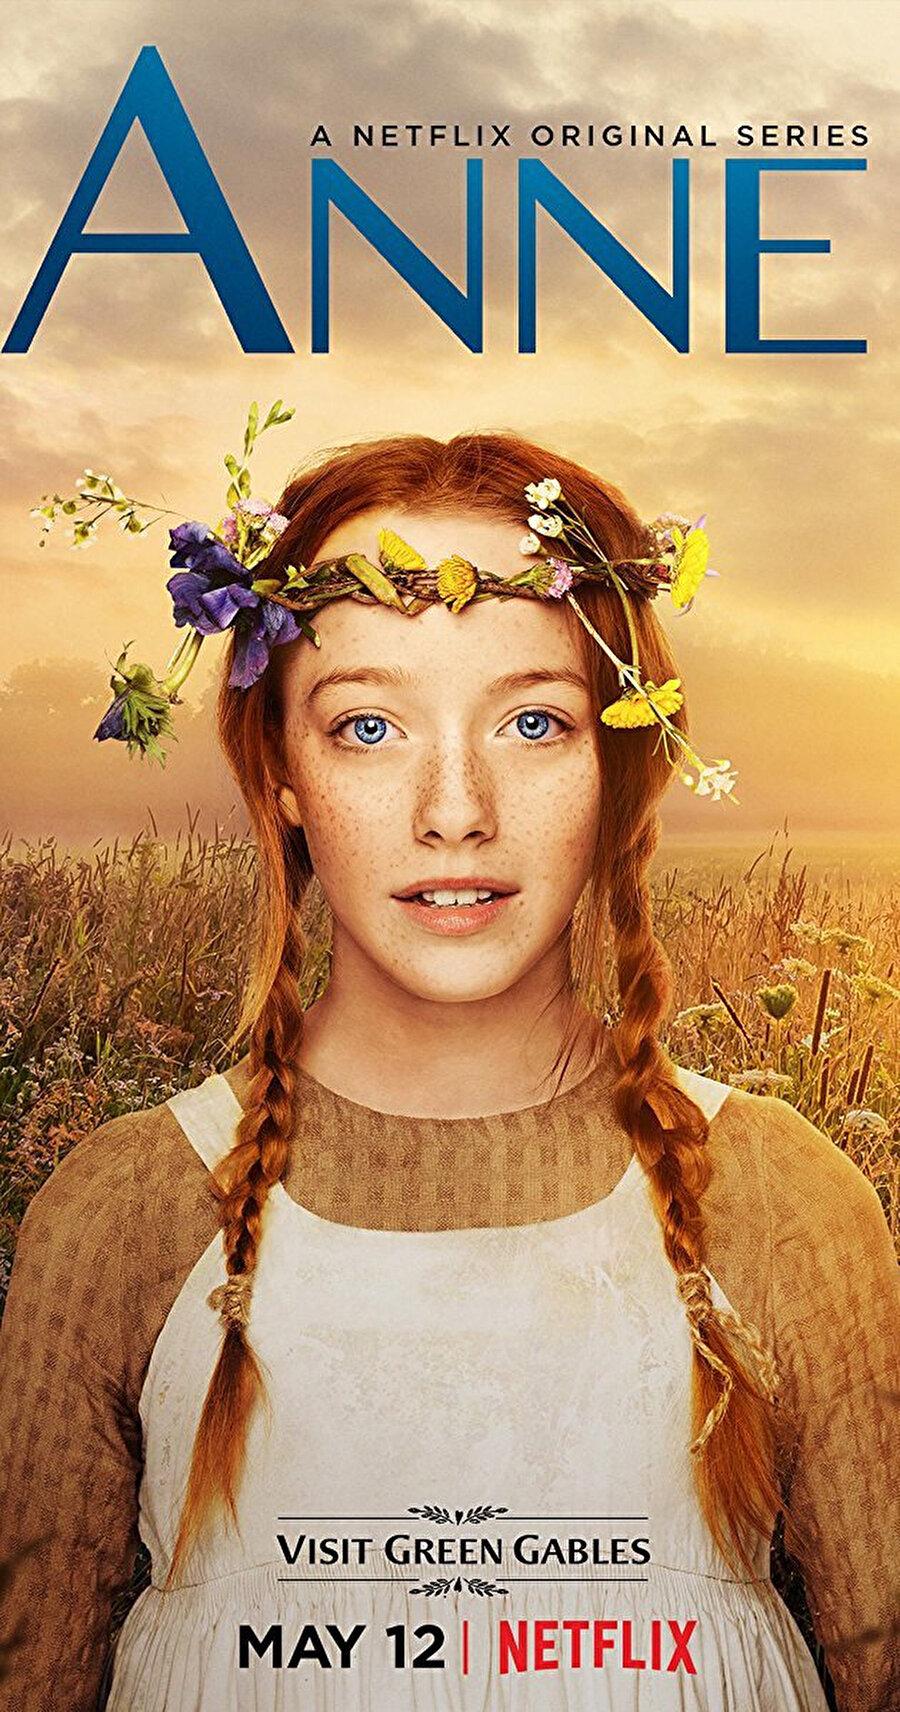 2017'nin en iyi dram dizileri arasında yer alan Anne with an E, 19. yüzyılın sonralarında yaşayan Anne Shirley (Amybeth McNulty) isimli 15 yaşındaki yetim bir genç kızın kâh mutlu eden kâh hüzünlendiren maceralarını konu alıyor. 1908'de Kanadalı yazar L. M. Montgomery'nin kaleme aldığı ve Türkçeye Yeşilin Kızı Anne olarak çevrilen romandan uyarlanan dizi, Amybeth McNulty'nin muhteşem oyunculuğuyla ilgiyi fazlasıyla hak ediyor.